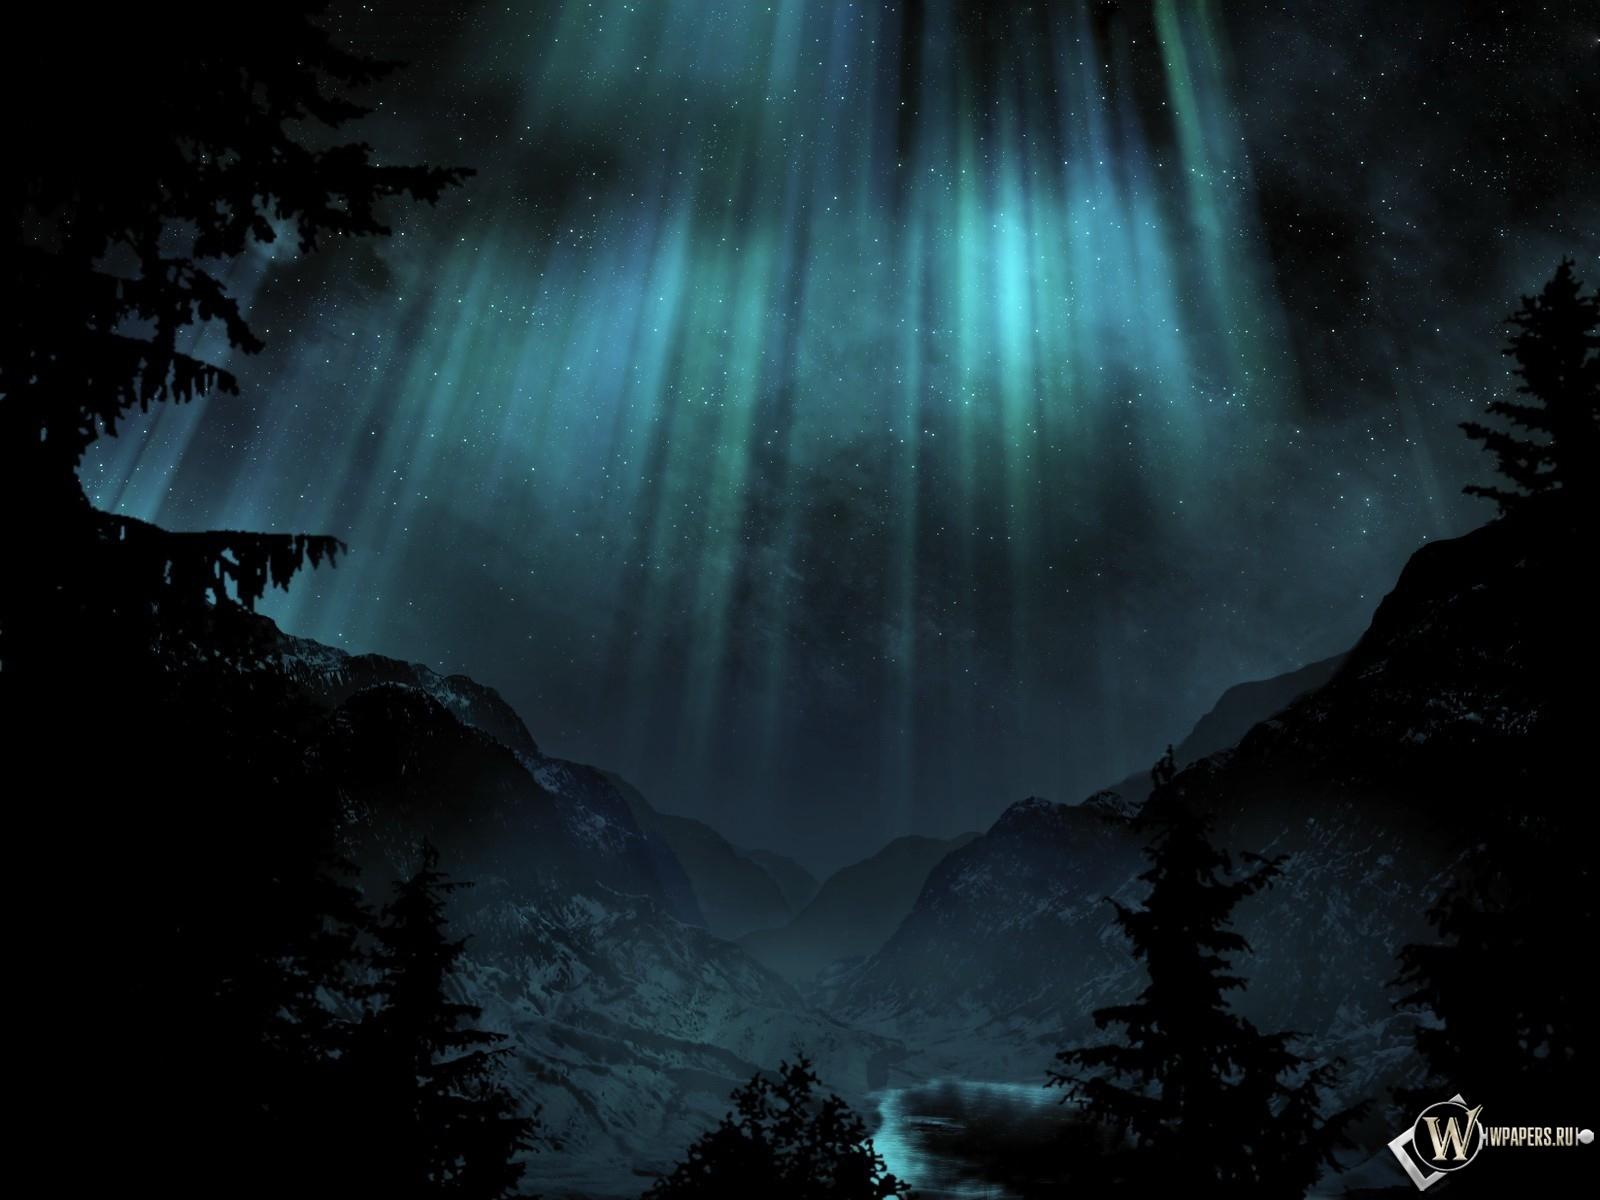 Ночное сияние 1600x1200